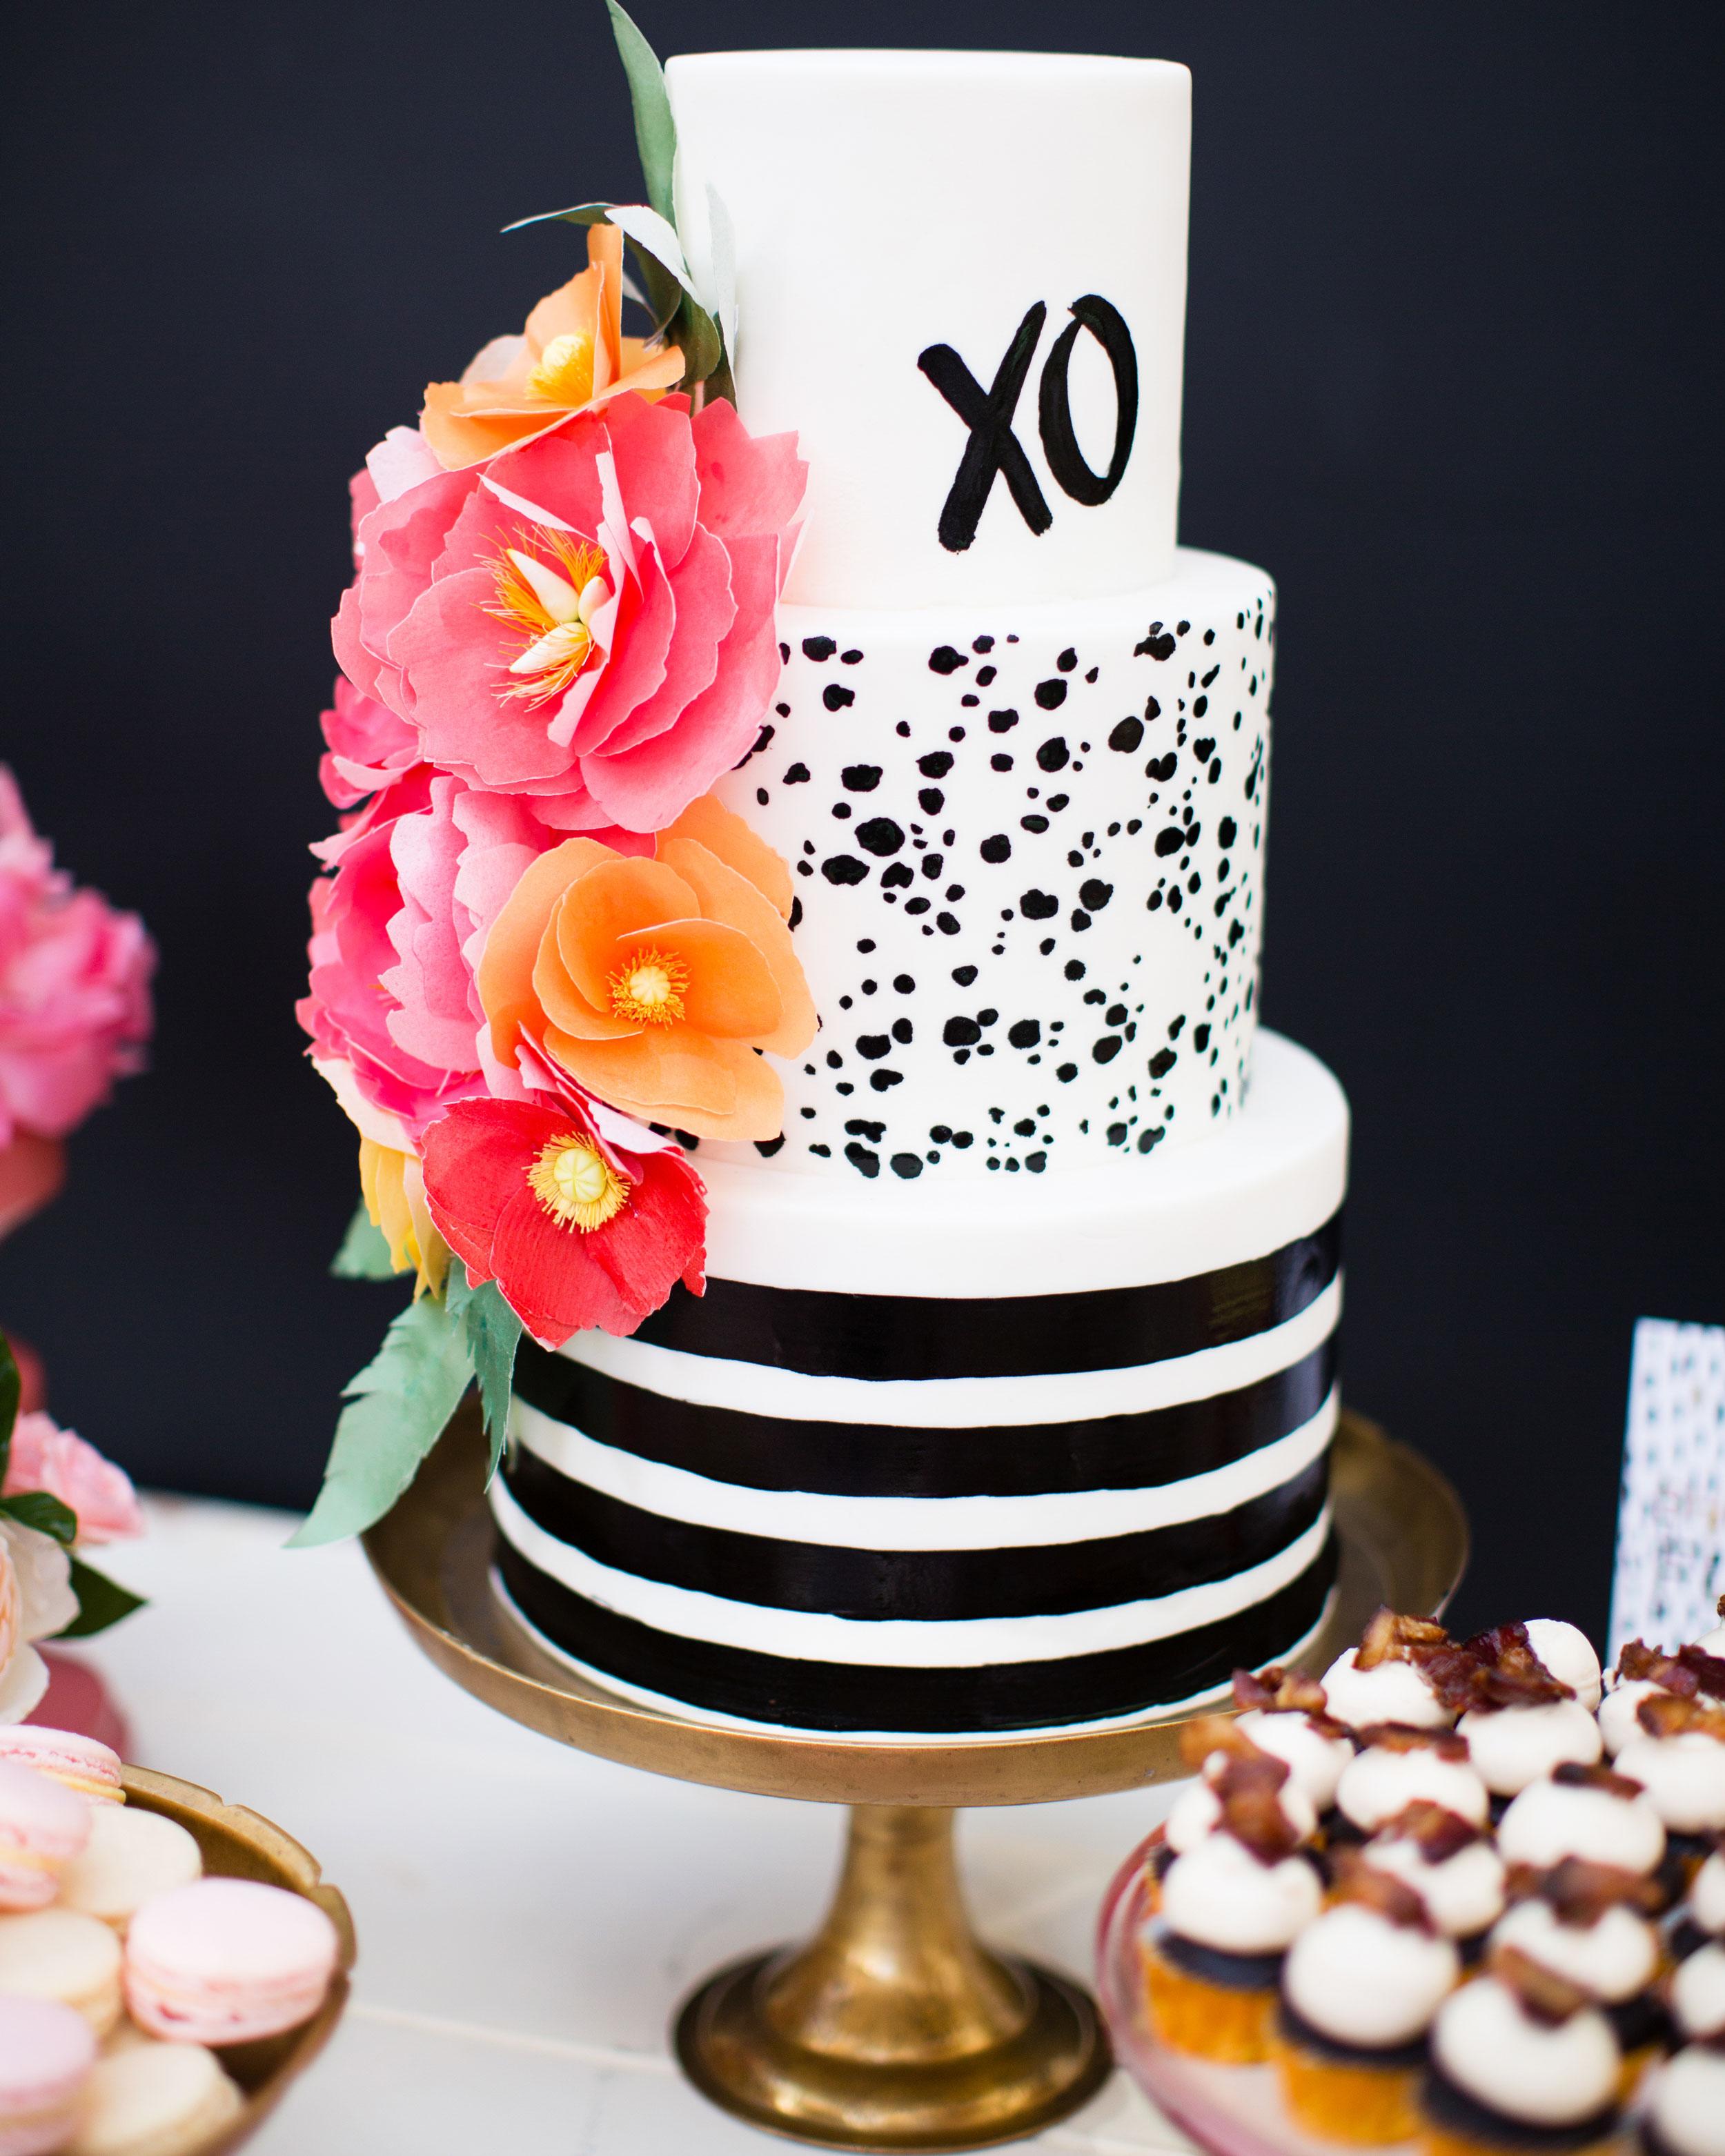 richelle-tom-wedding-cake-649-s112855-0416.jpg